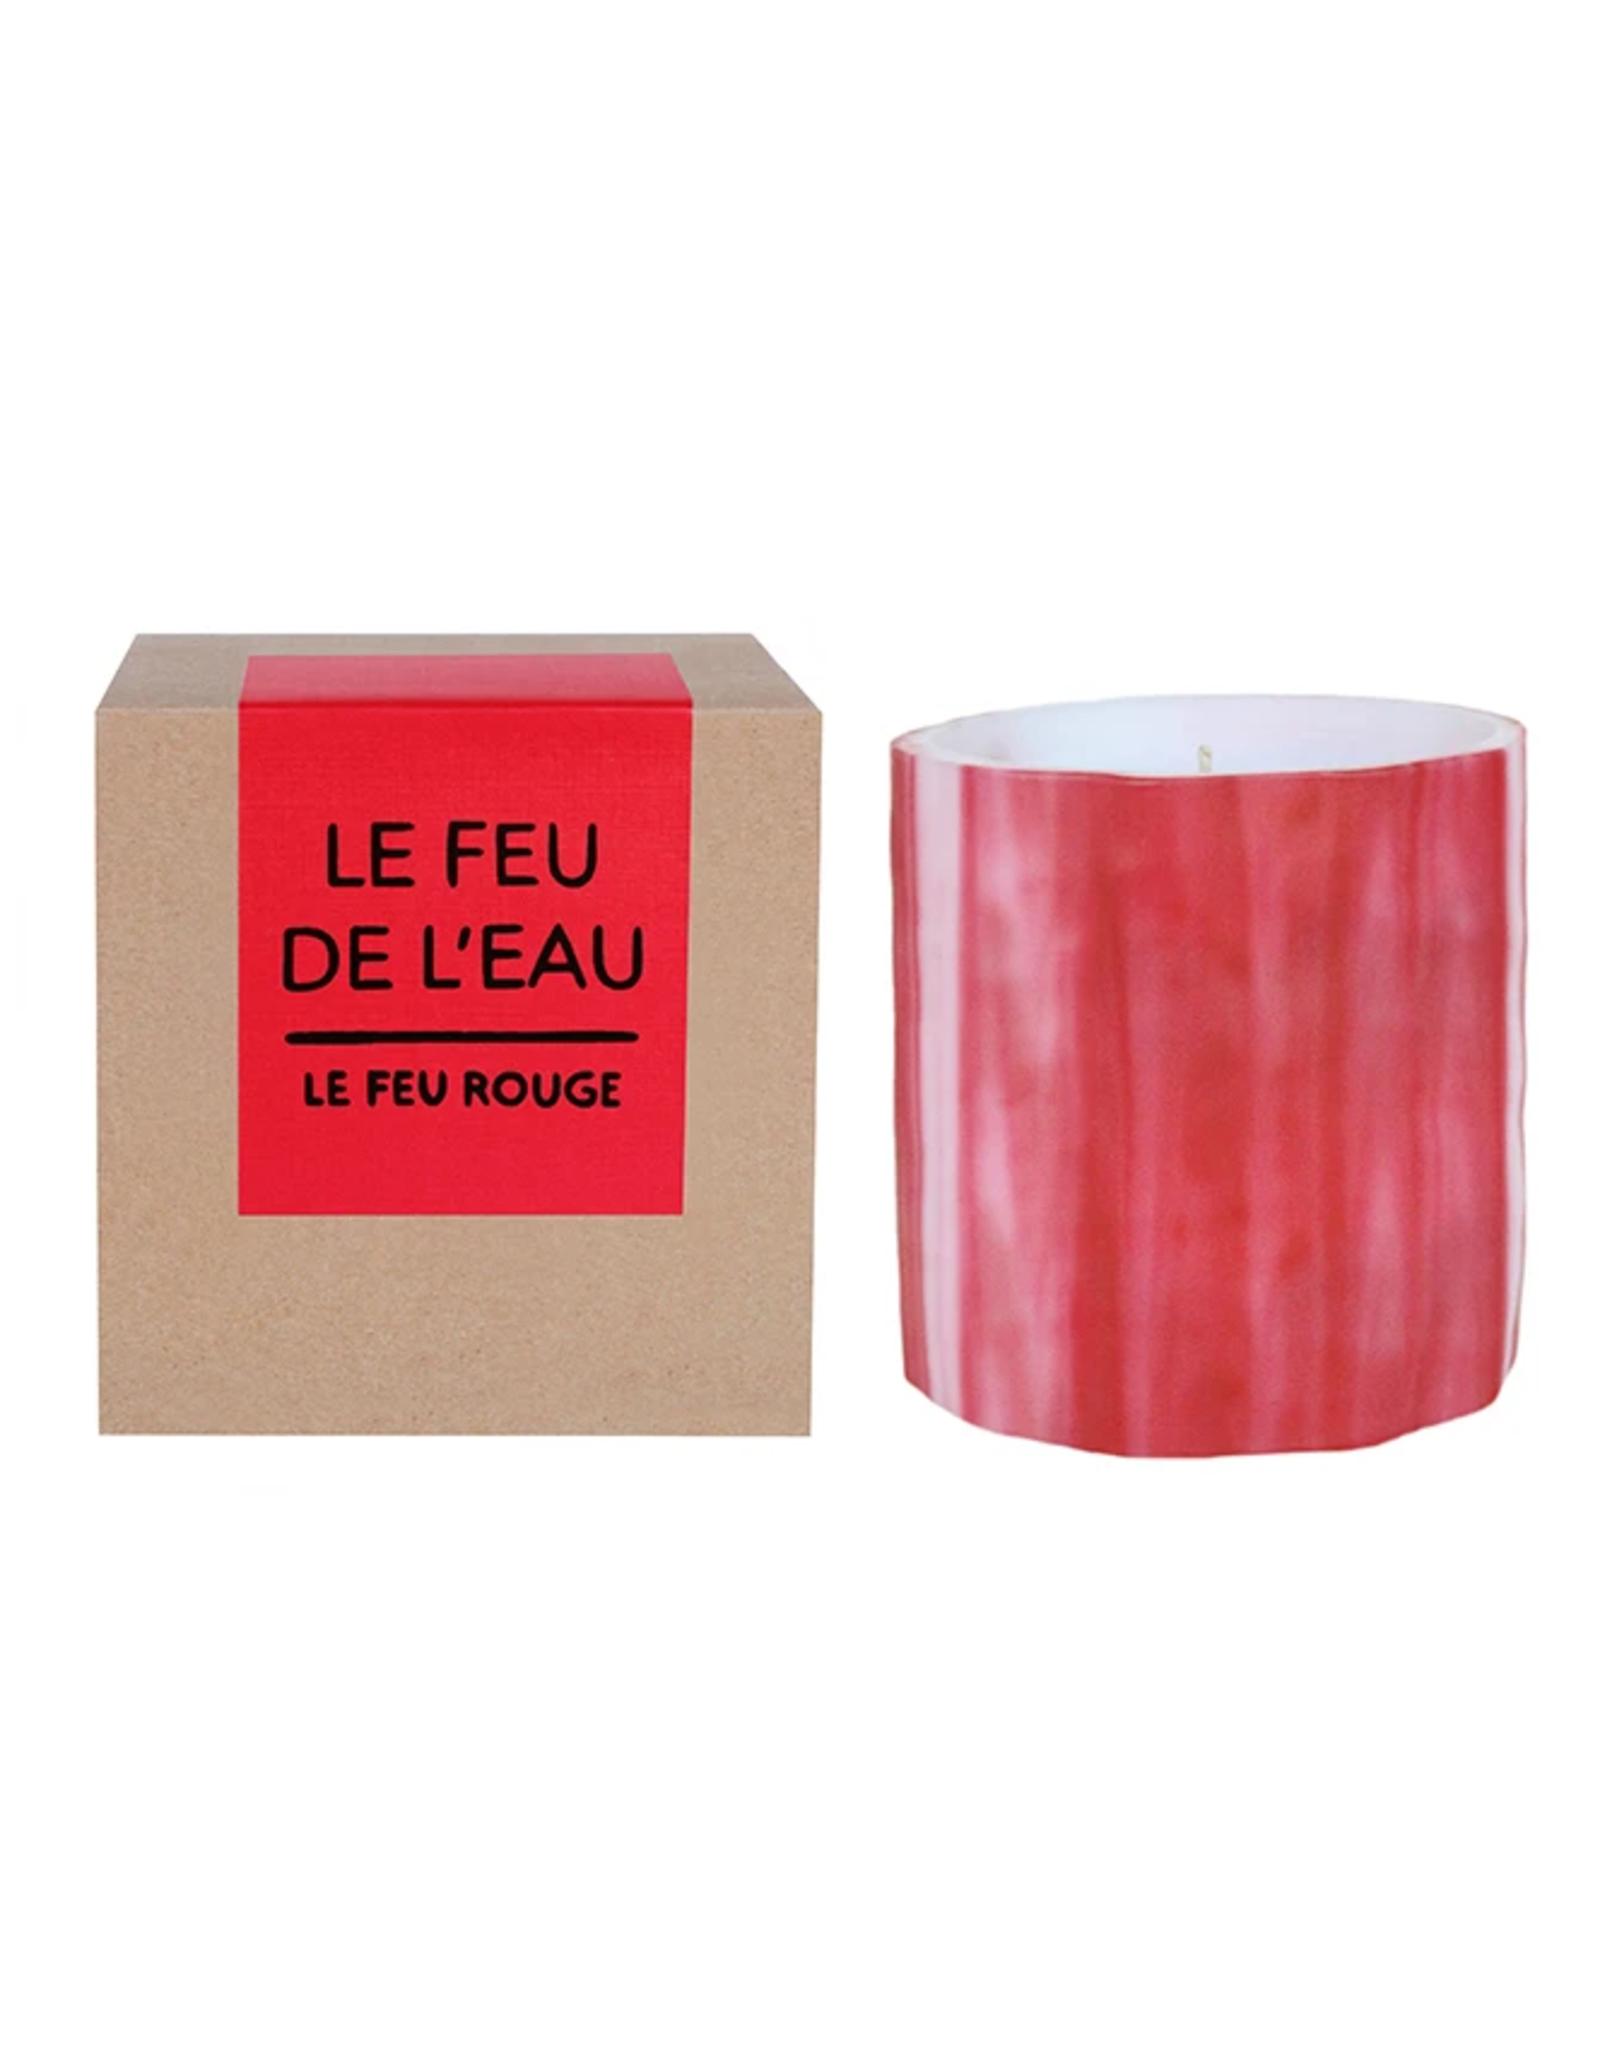 Le Feu De L'Eau Le Feu Rouge Candle